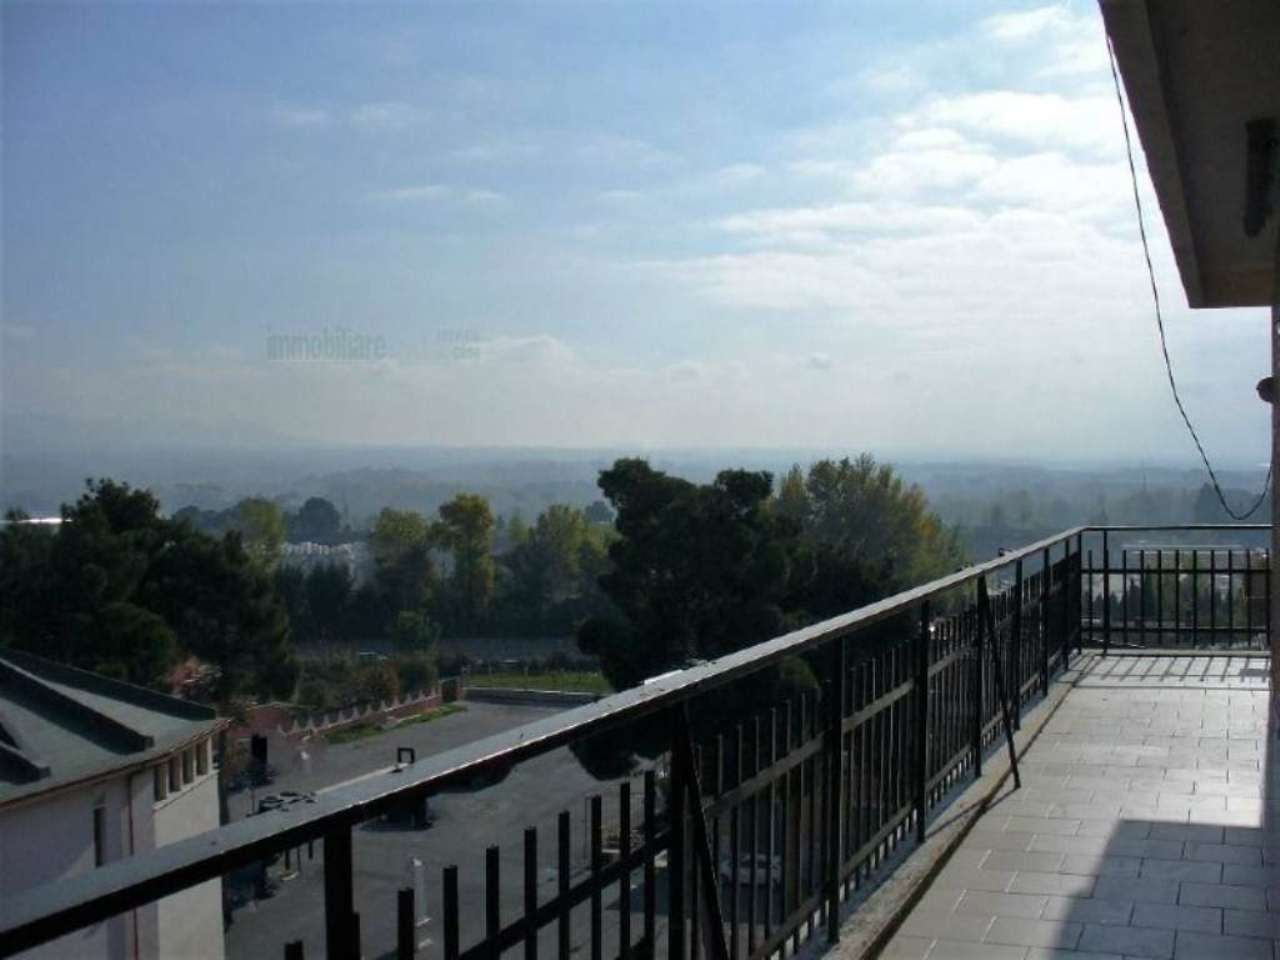 Attico / Mansarda in vendita a Guidonia Montecelio, 3 locali, prezzo € 130.000 | Cambio Casa.it